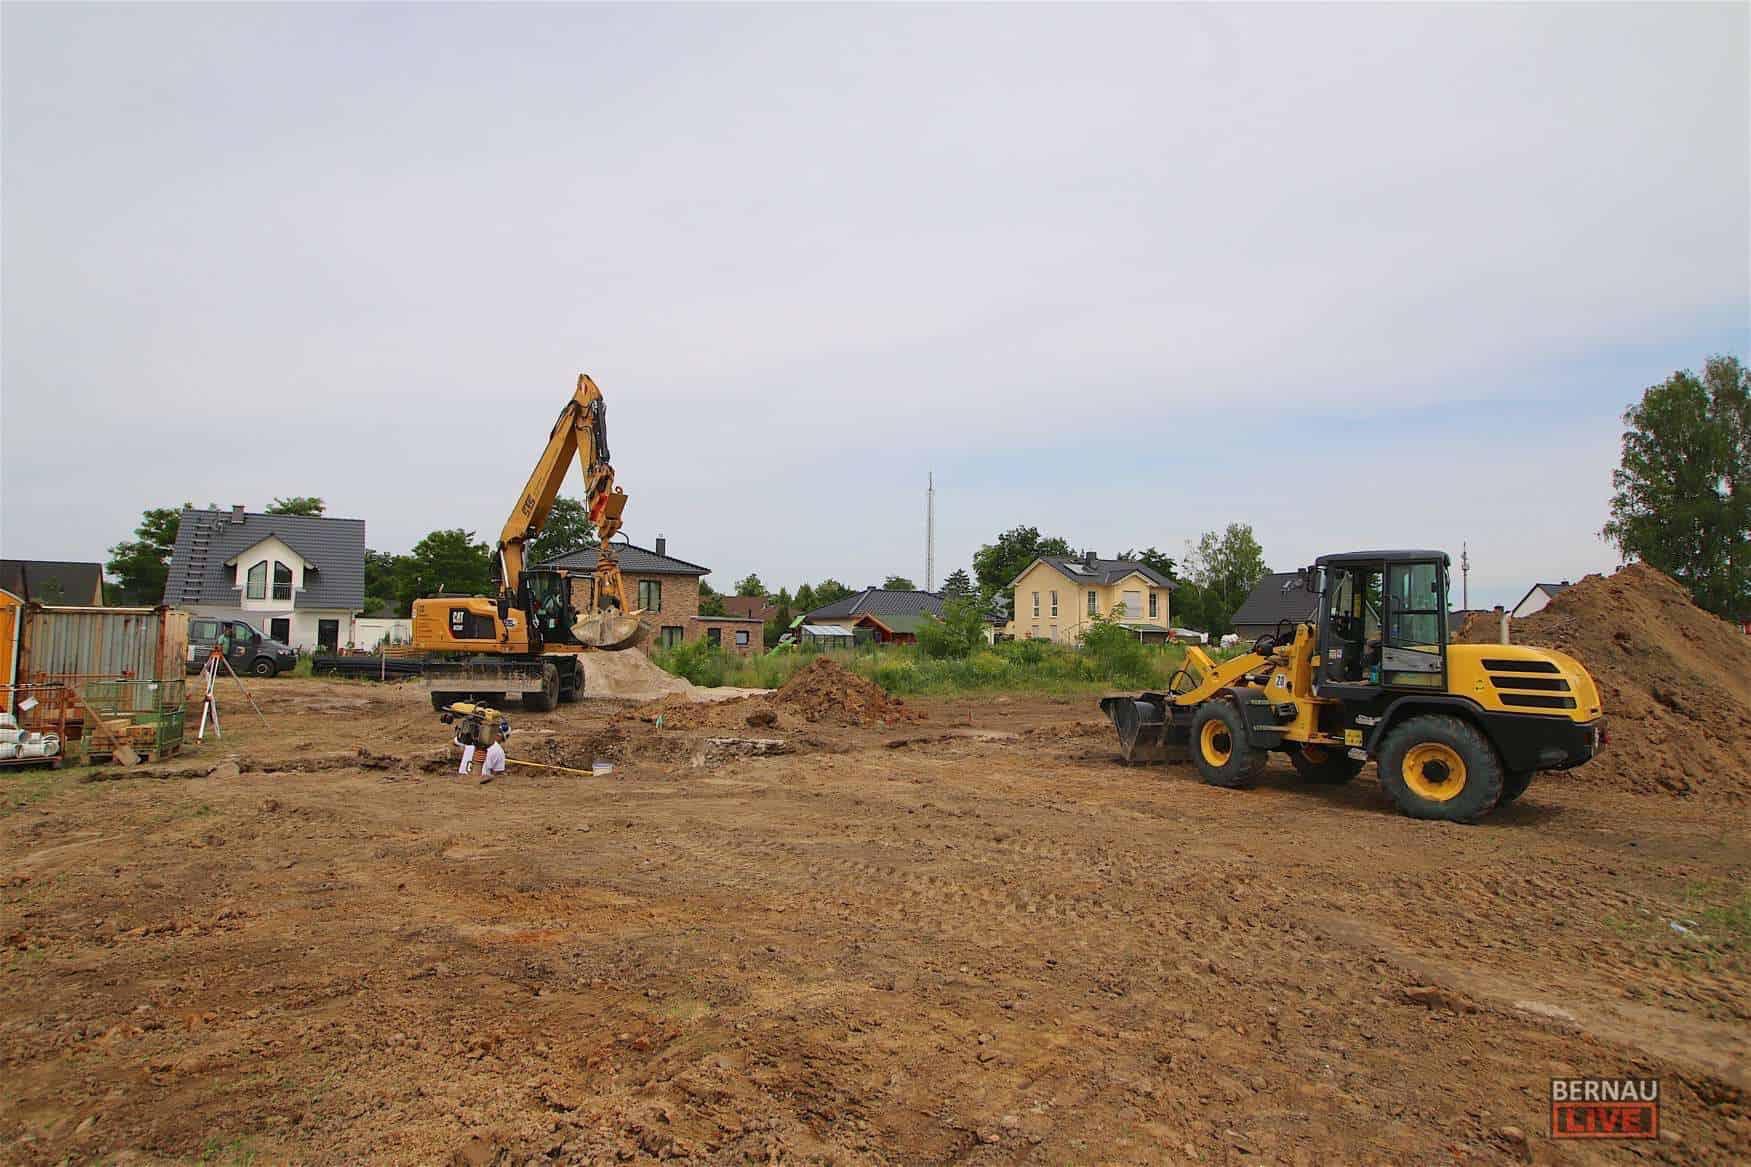 Immobilienpreise im Landkreis Barnim steigen - aktuelle Bodenrichtwerte